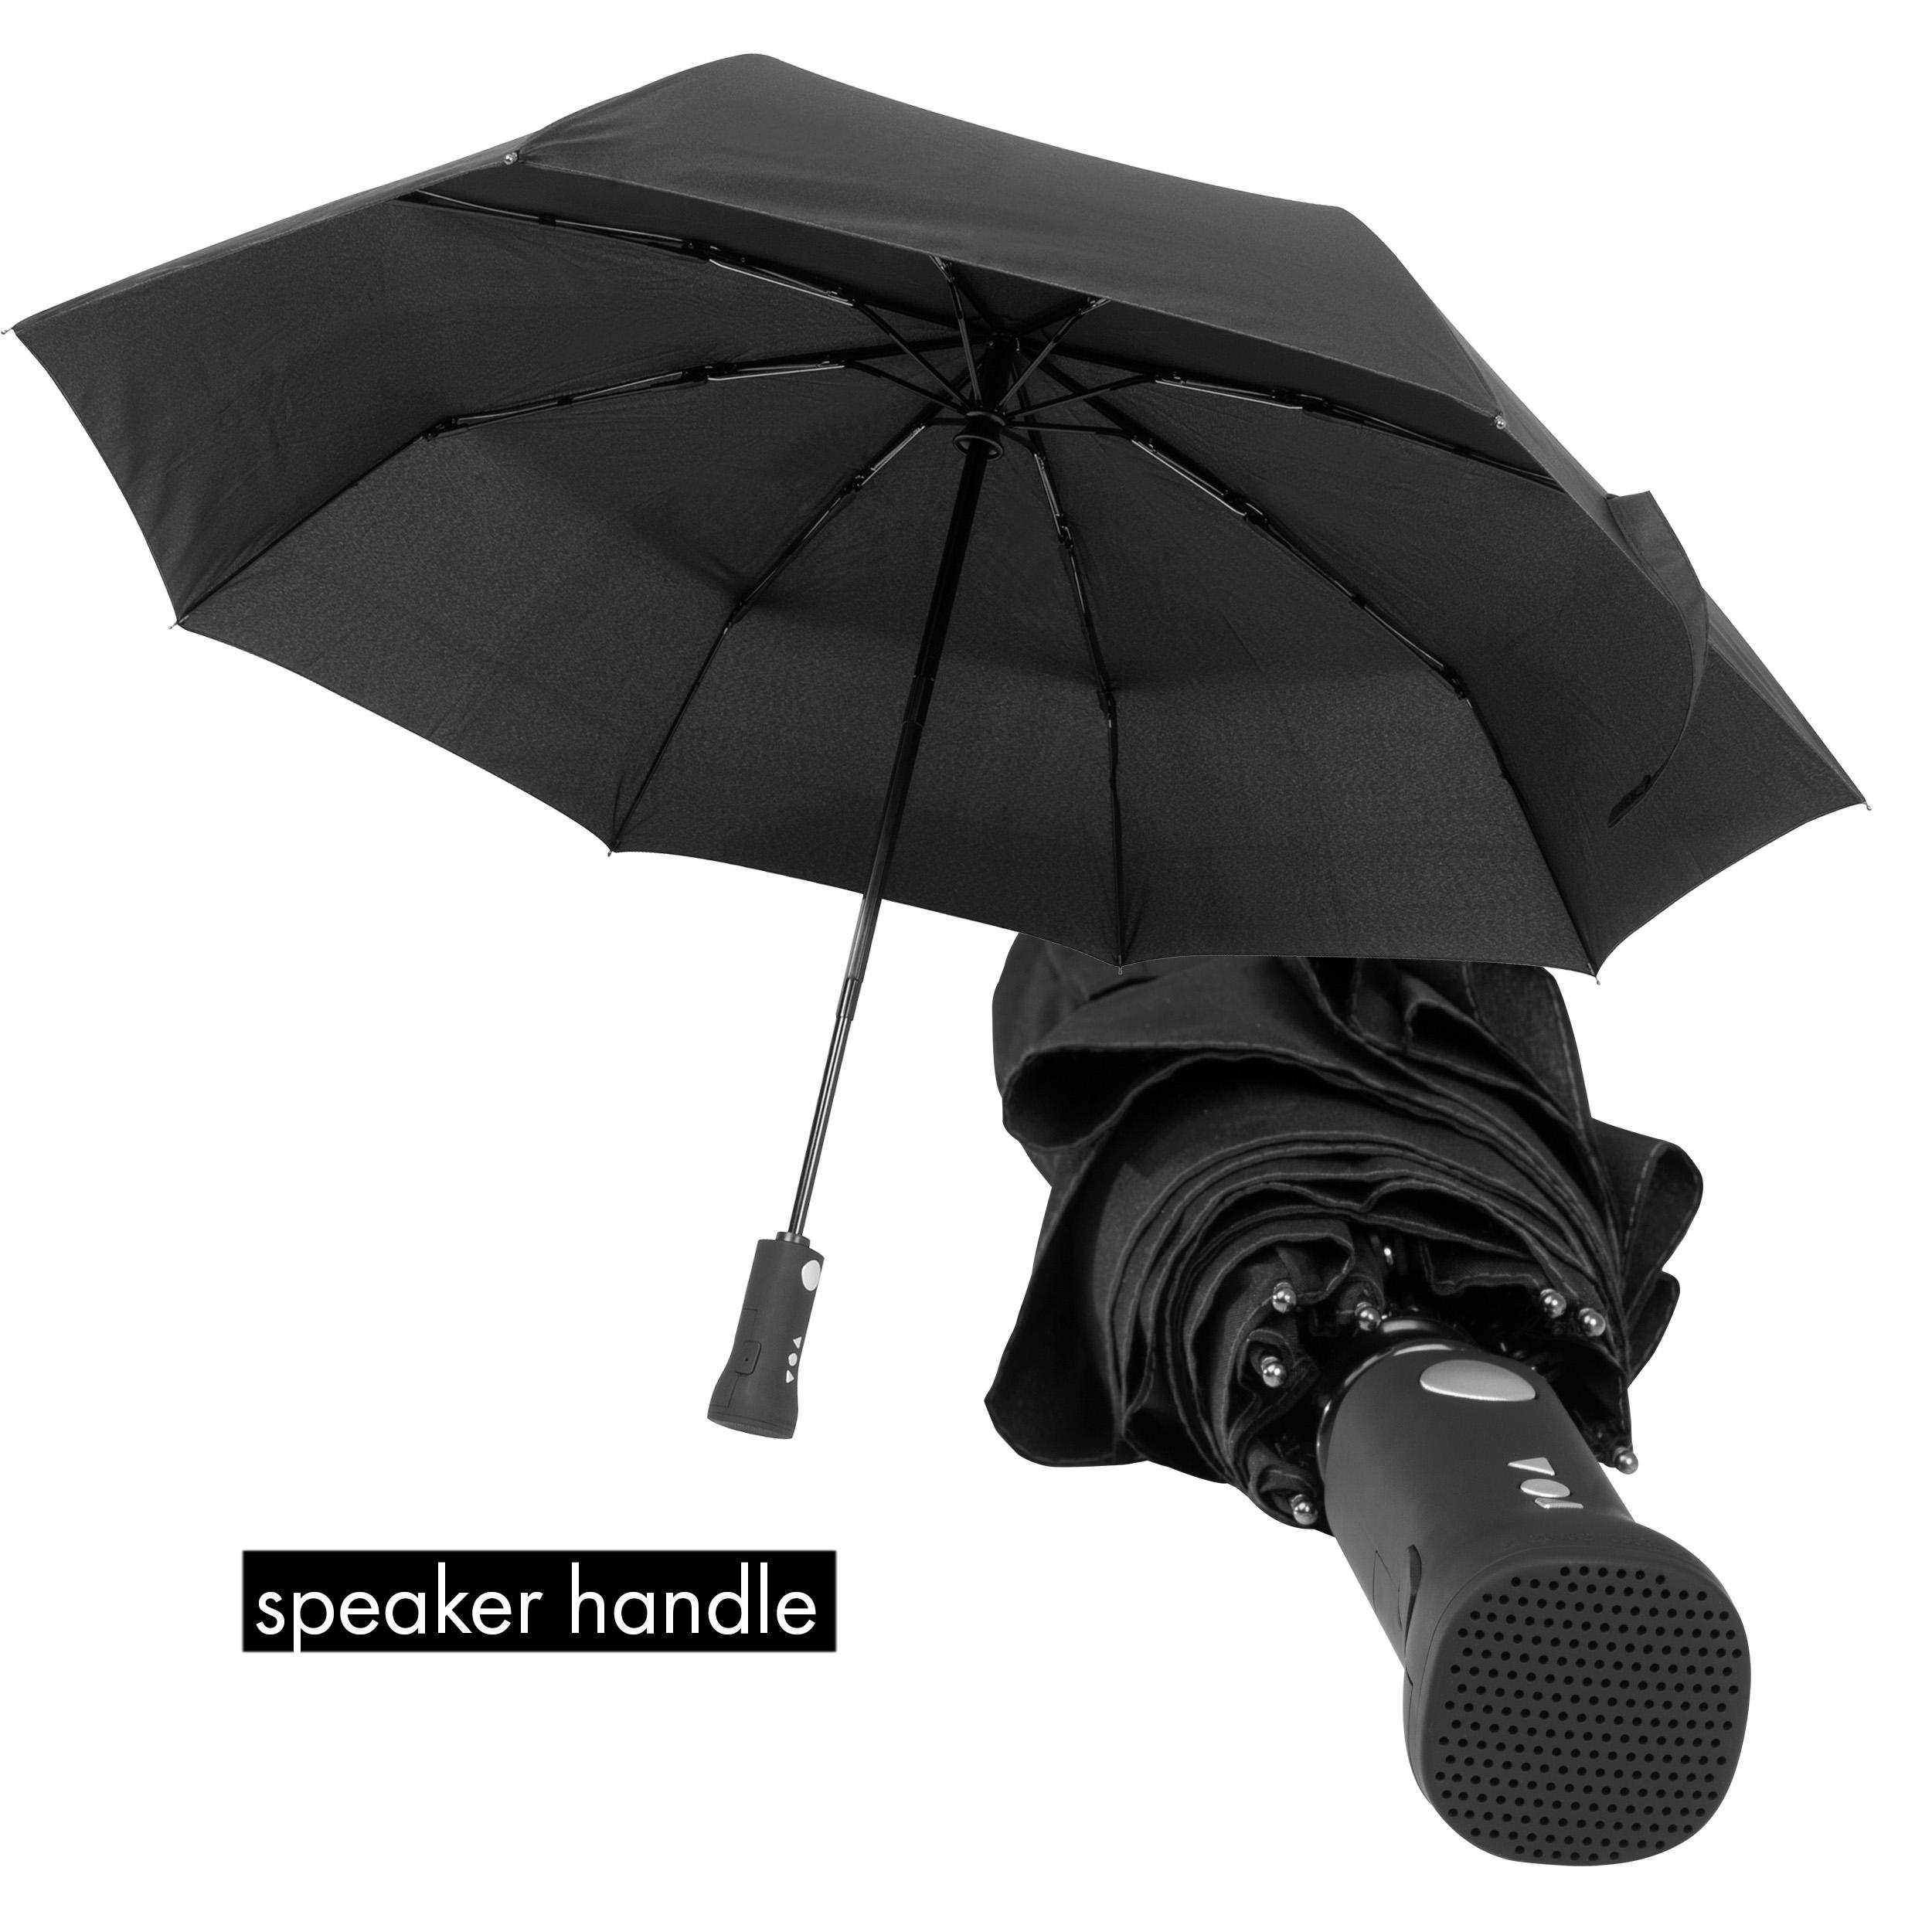 Automatic pocket umbrella